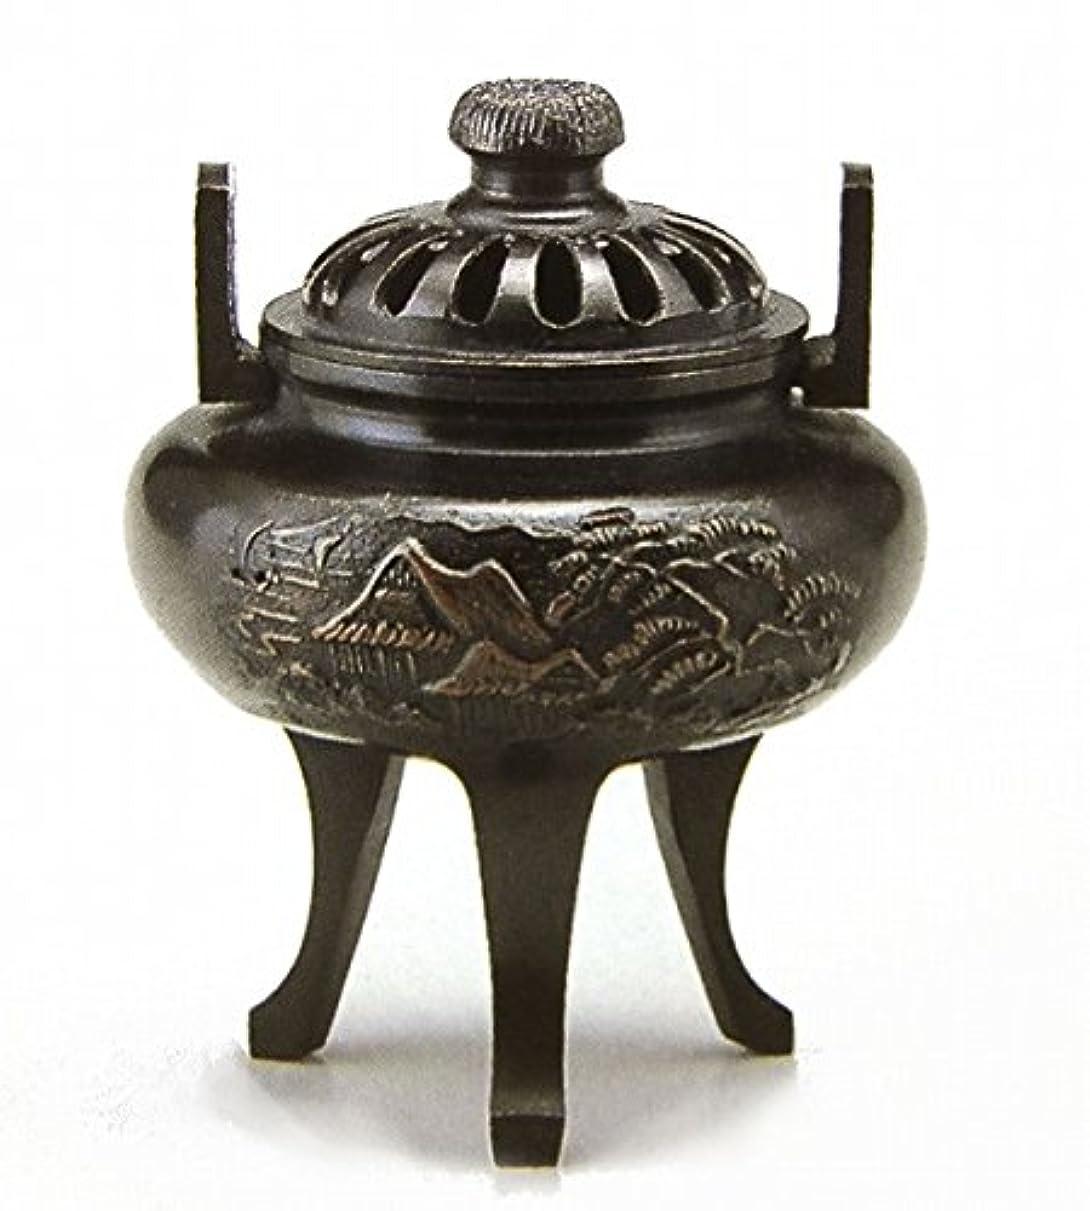 必要としている折ビート『菊蓋山水香炉』銅製